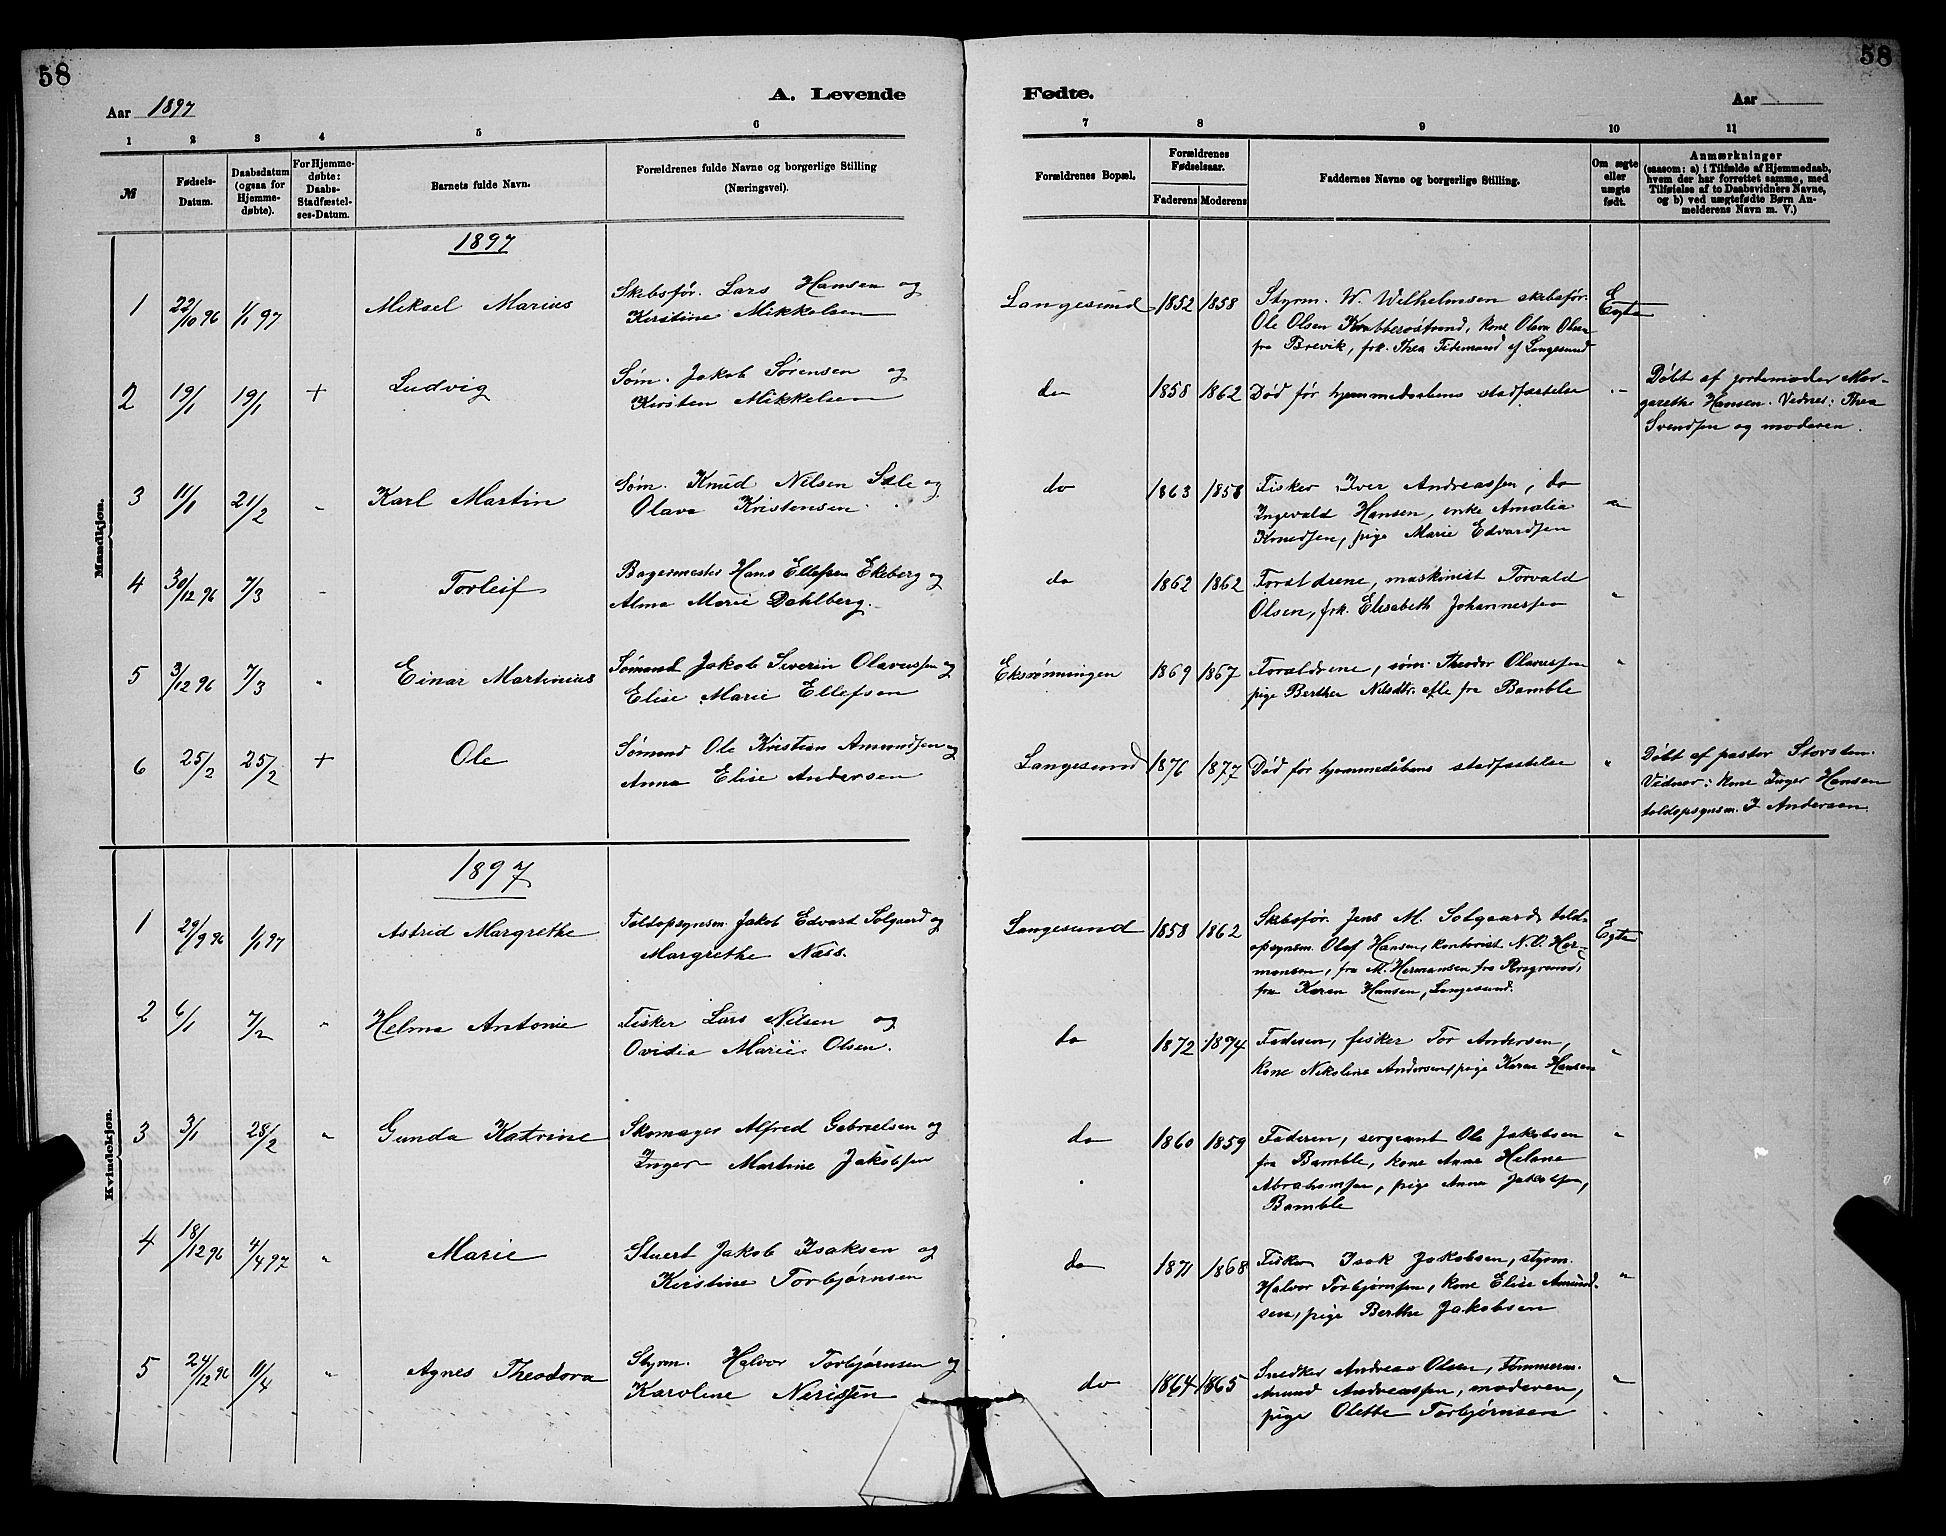 SAKO, Langesund kirkebøker, G/Ga/L0005: Klokkerbok nr. 5, 1884-1898, s. 58